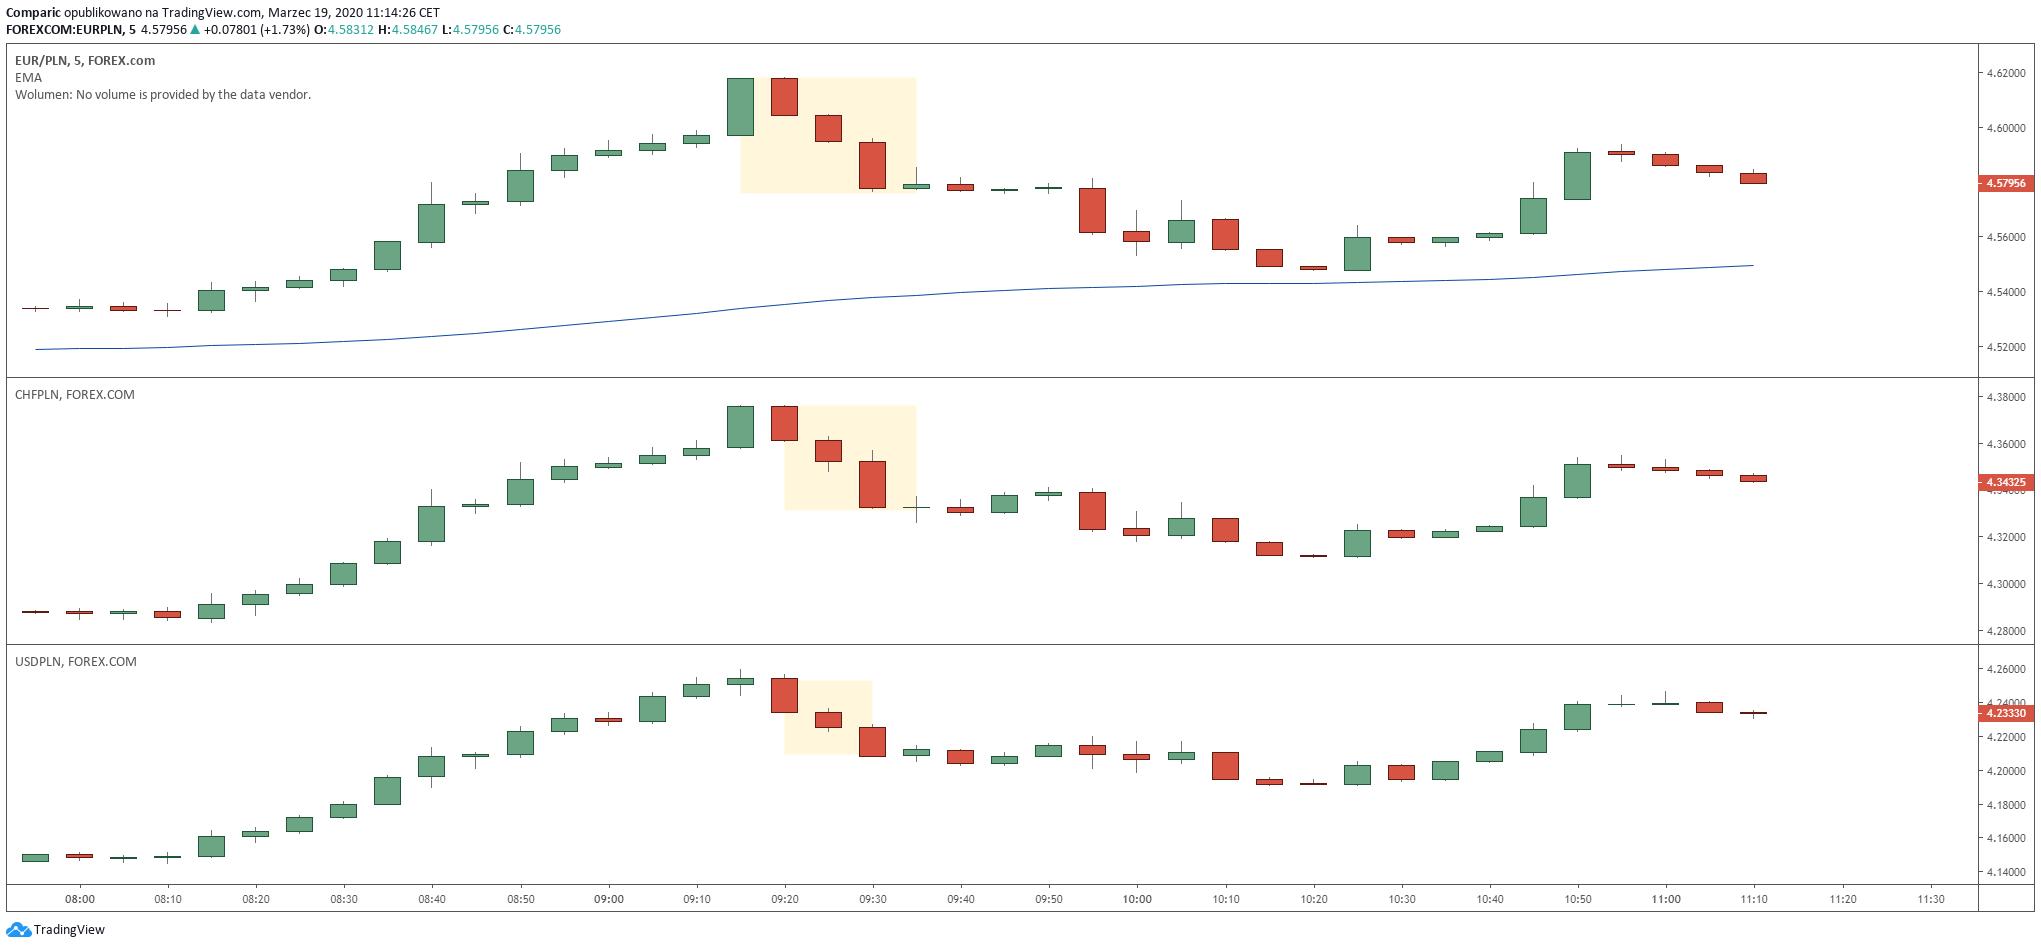 Kurs euro, franka i dolara jednocześnie traciły do złotego po 09:20. TMS Brokers sugeruje interwencję rynkową NBP i/lub BGK. Źródło: Tradingview.com